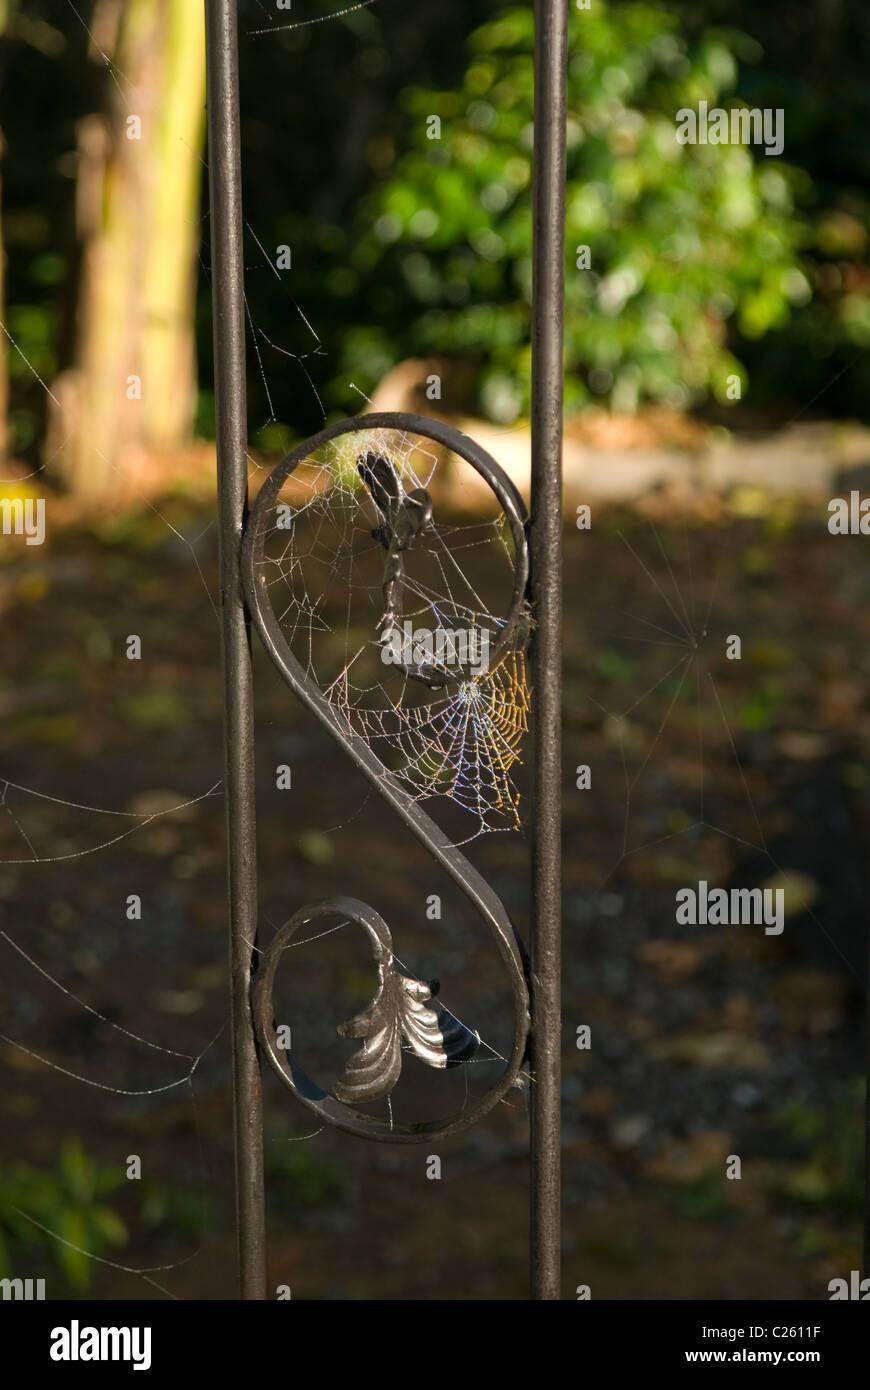 Regenbogen In Der Tau Auf Das Spinnennetz Auf Dem Zaun Stockfoto